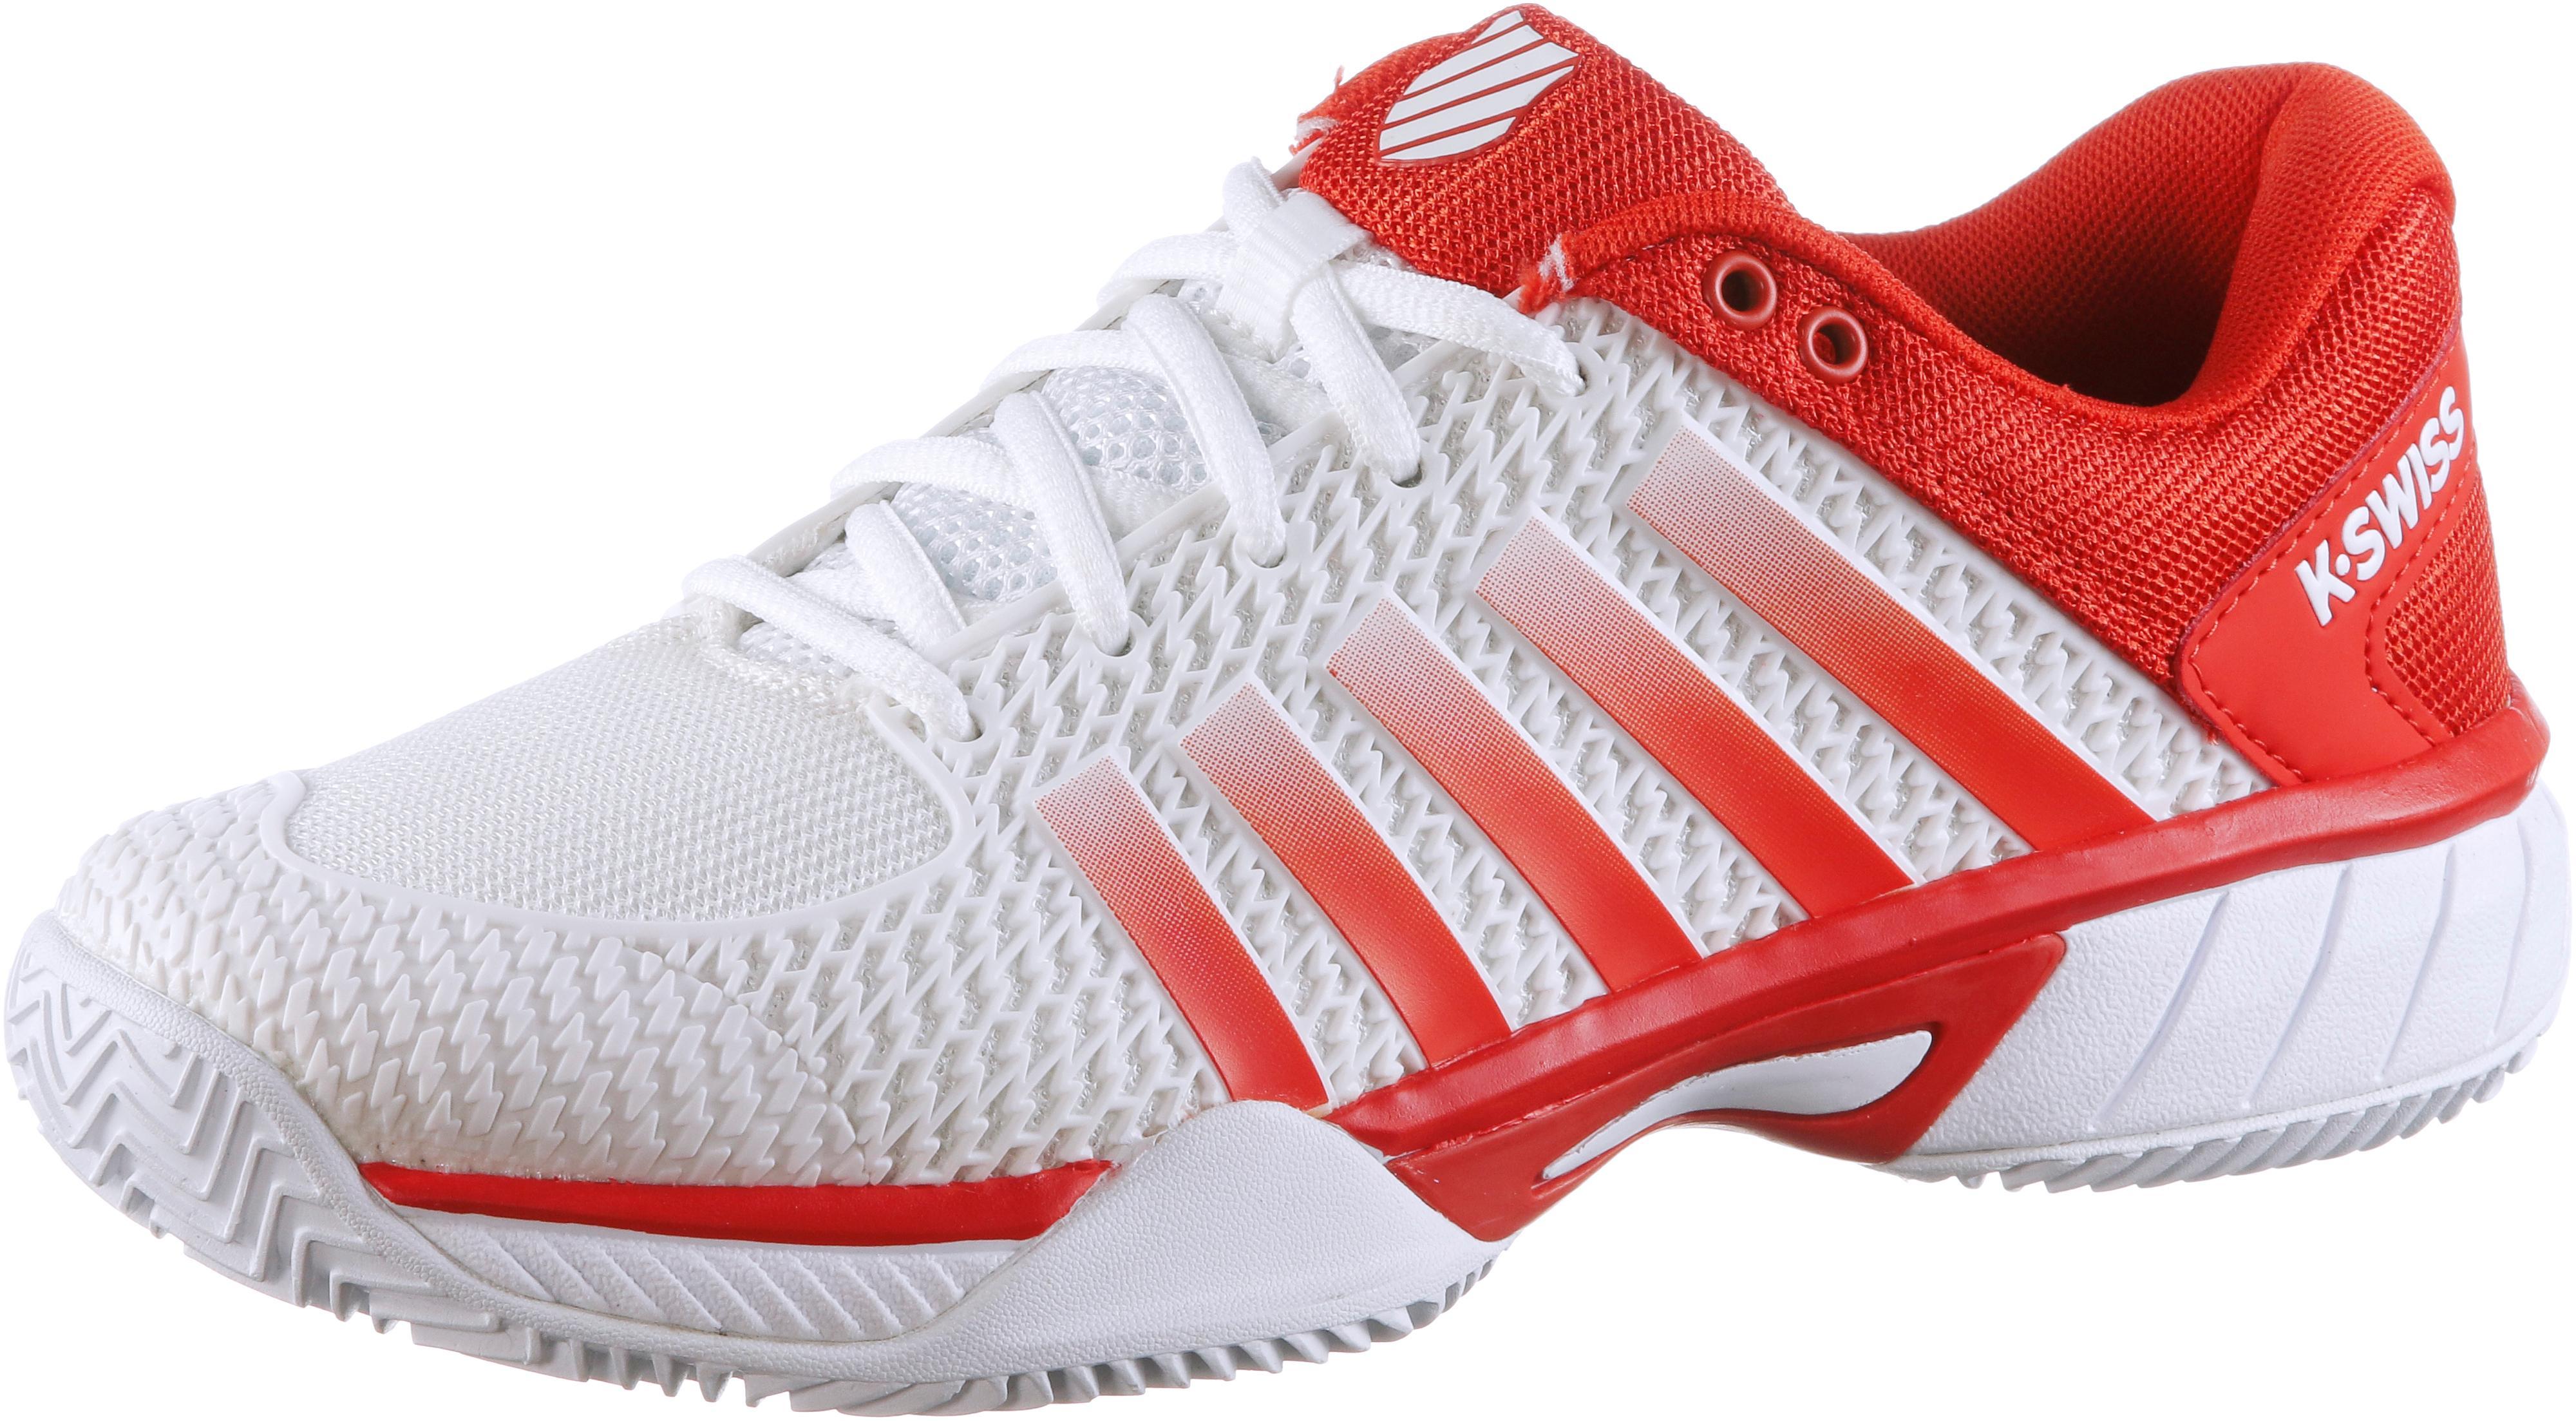 K-Swiss Express light Tennisschuhe Damen Weiß-fiesta im Online Shop von von von SportScheck kaufen Gute Qualität beliebte Schuhe 30e30e